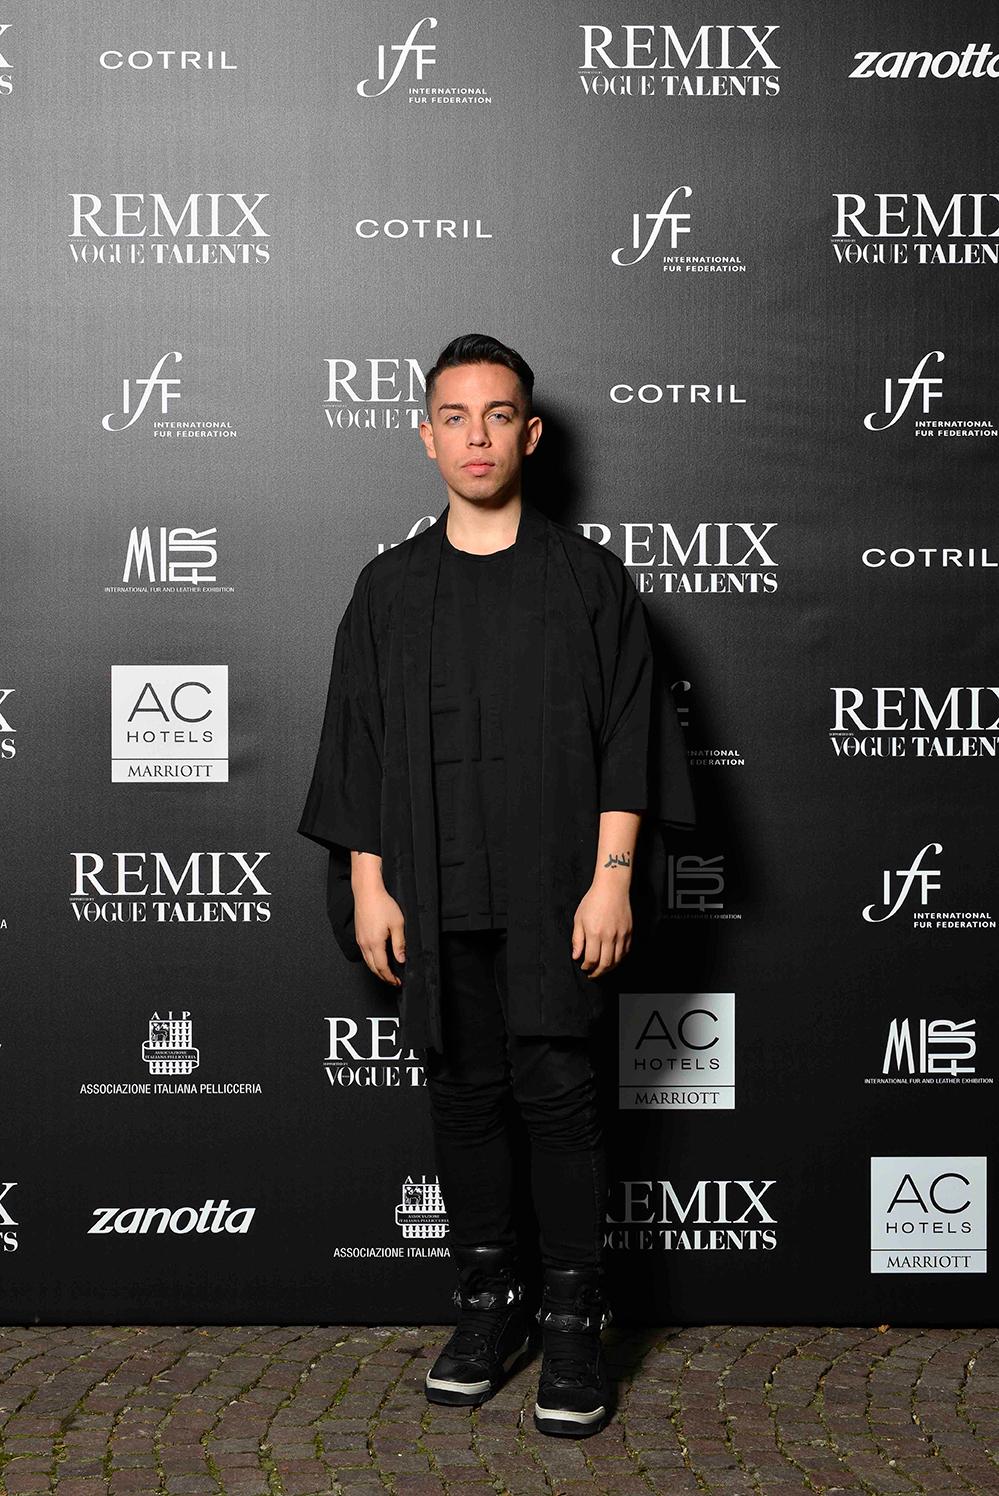 nicolas garcia remix 2015 finalist